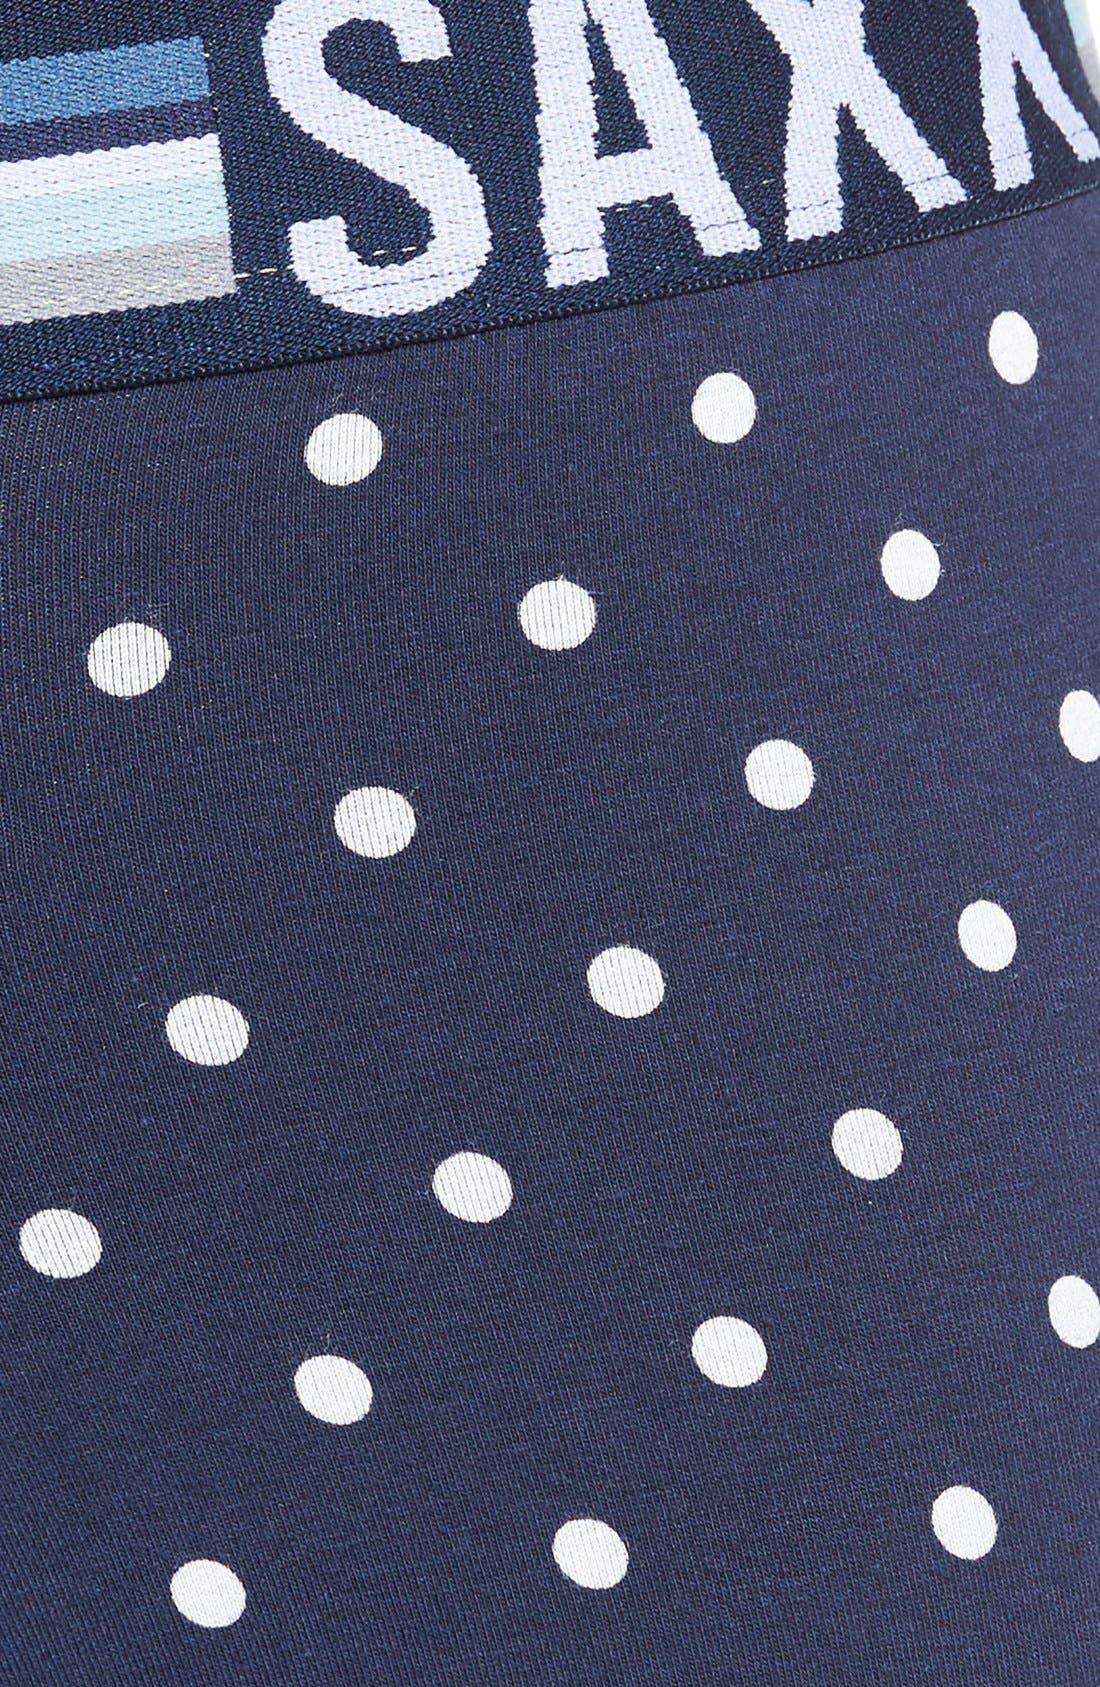 3Six Five Stretch Cotton Boxer Briefs,                             Alternate thumbnail 10, color,